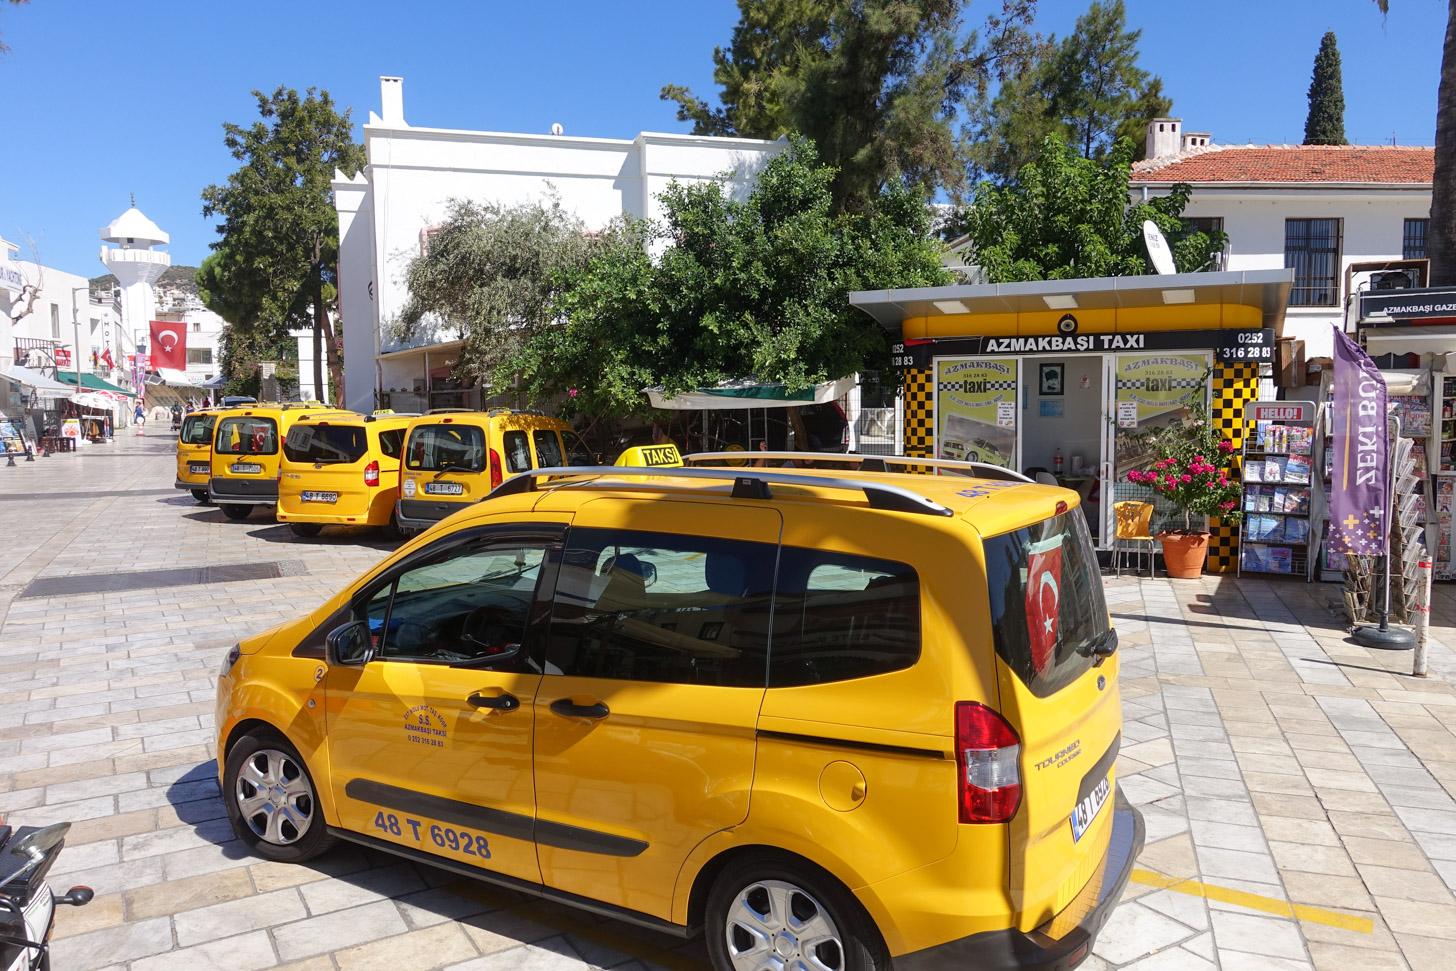 Vervoer in en rondom de stad